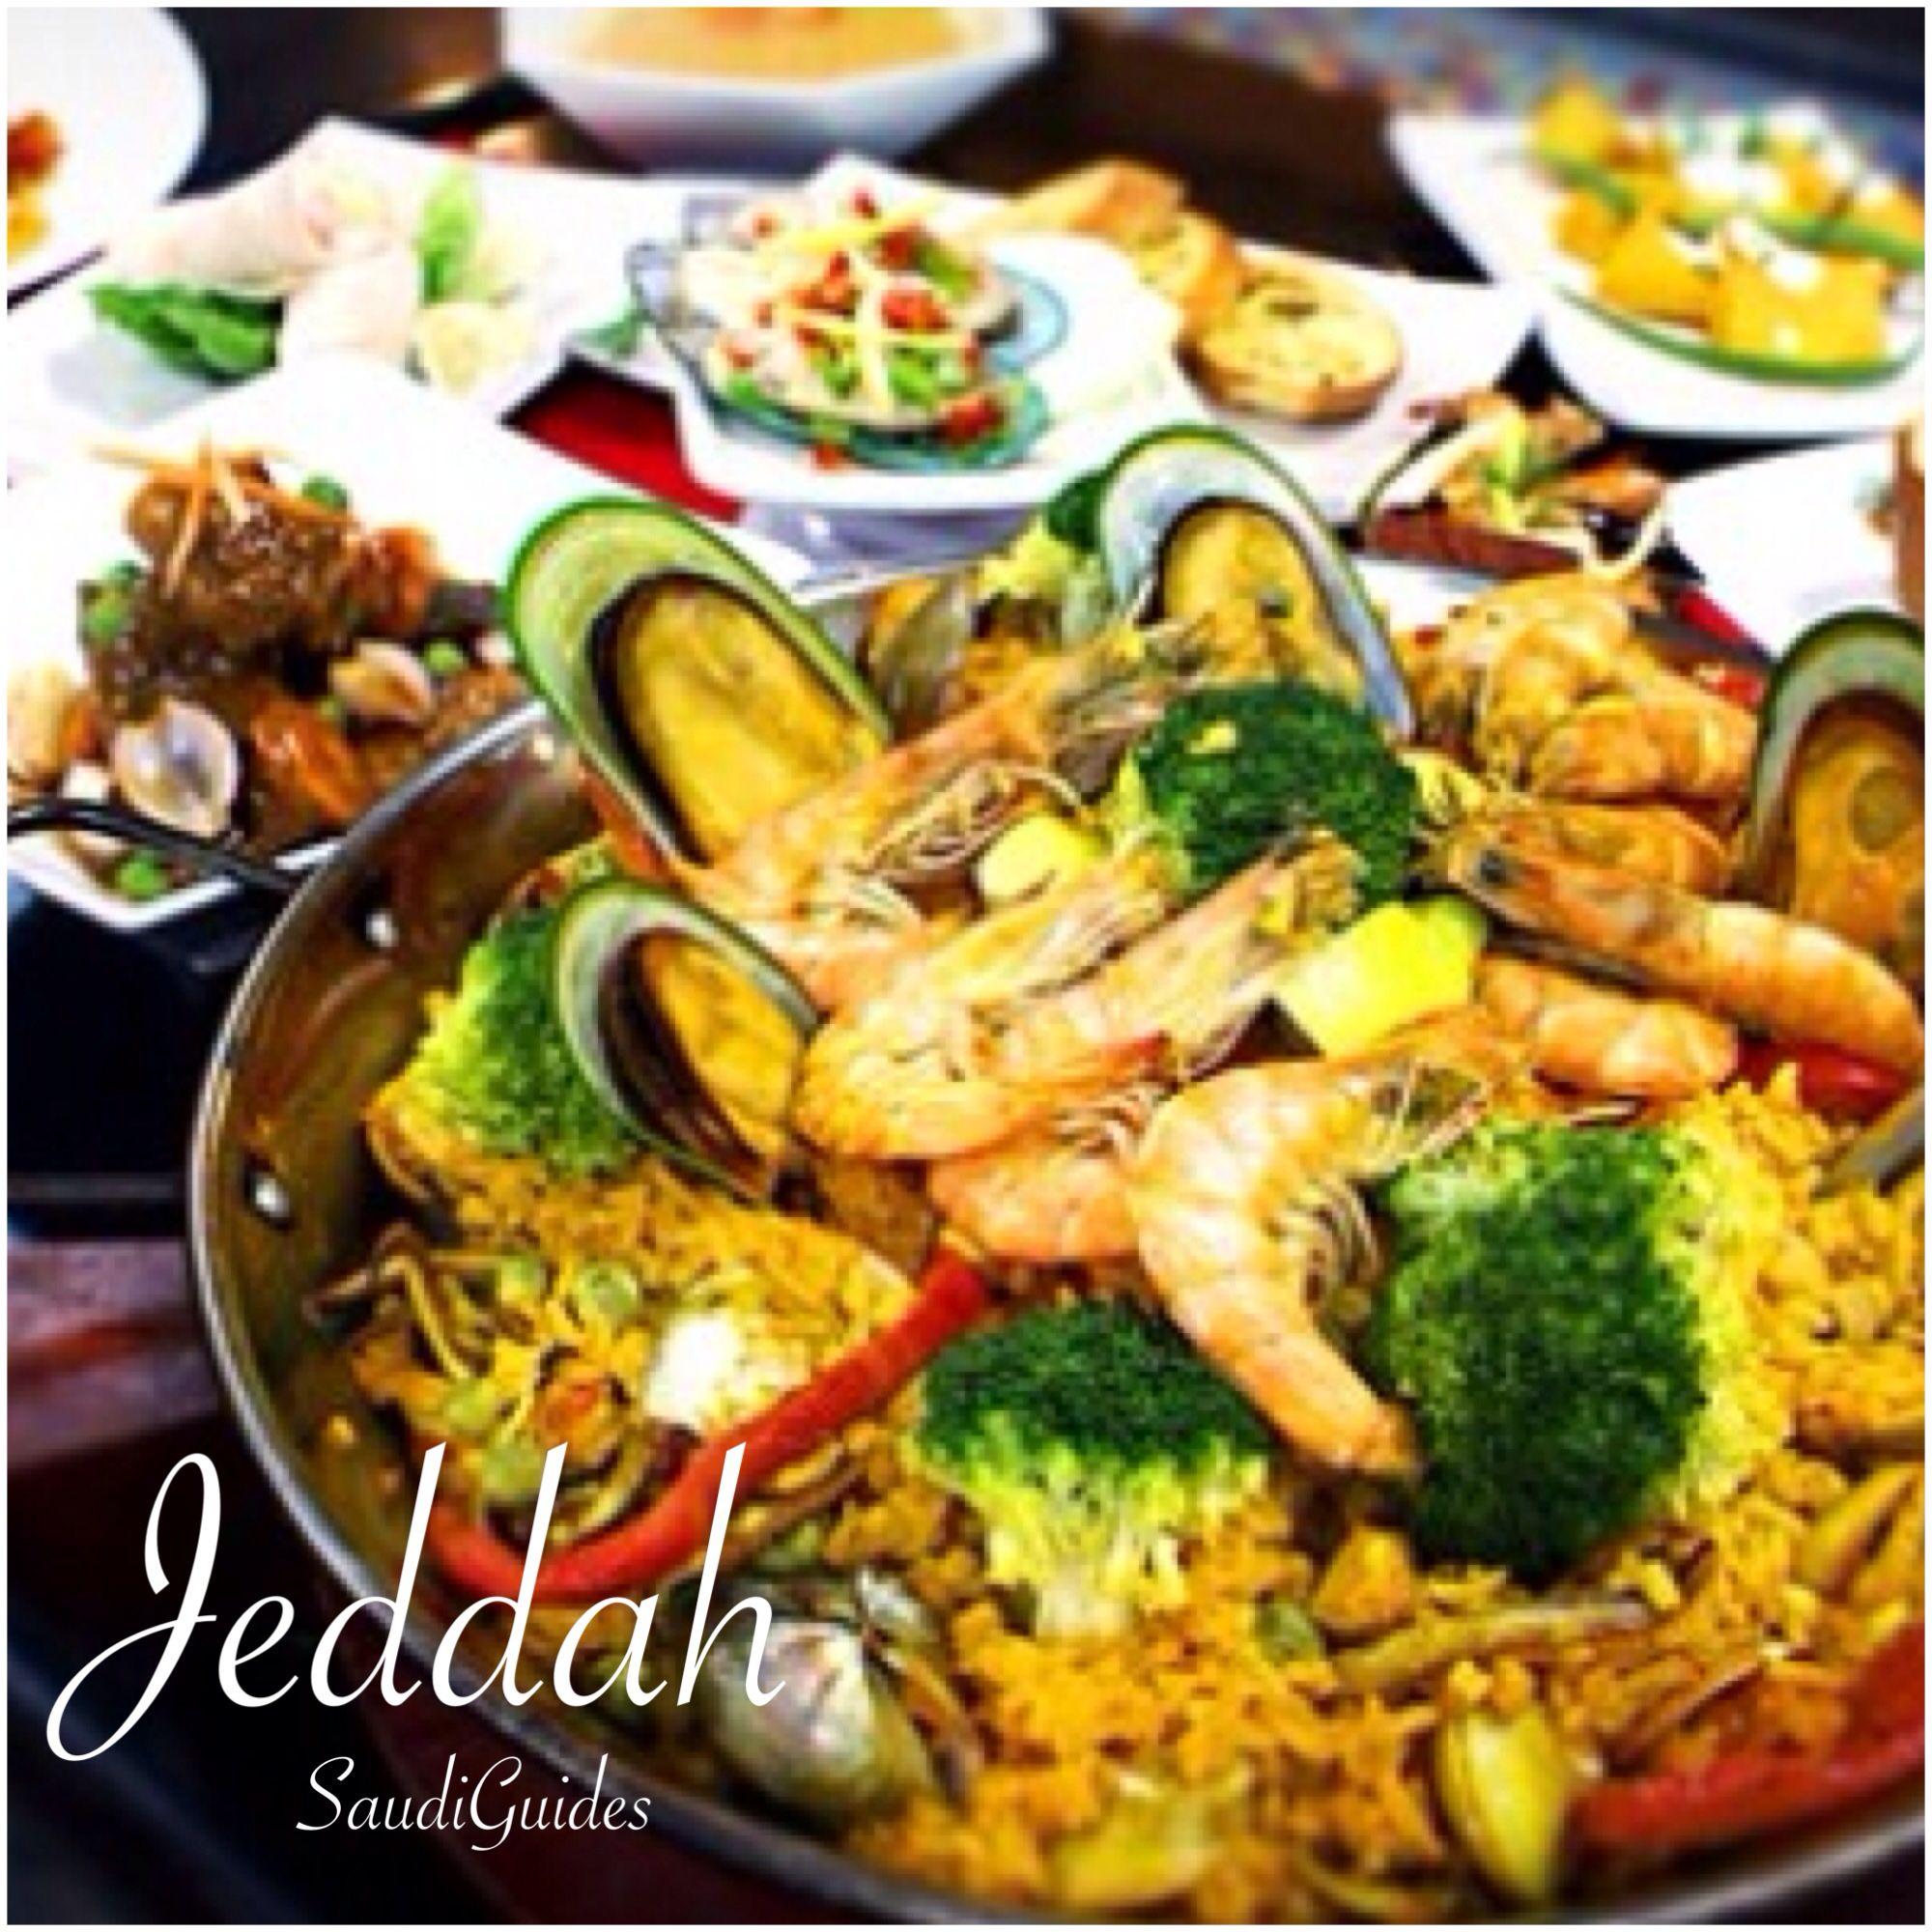 هل يوجد مطاعم تقدم أكل #أسباني في #جدة ؟ وايش أفضلها ؟   http://instagram.com/p/skiC33HOWD/  سؤال من متابعنا على #باث ✨ Salamanca Saudi   منشن أهل جدة عشان يستفيدوا ❤️ تابعونا على باث SaudiGuides  #Path  #SaudiGuides #Jeddah #Spanish